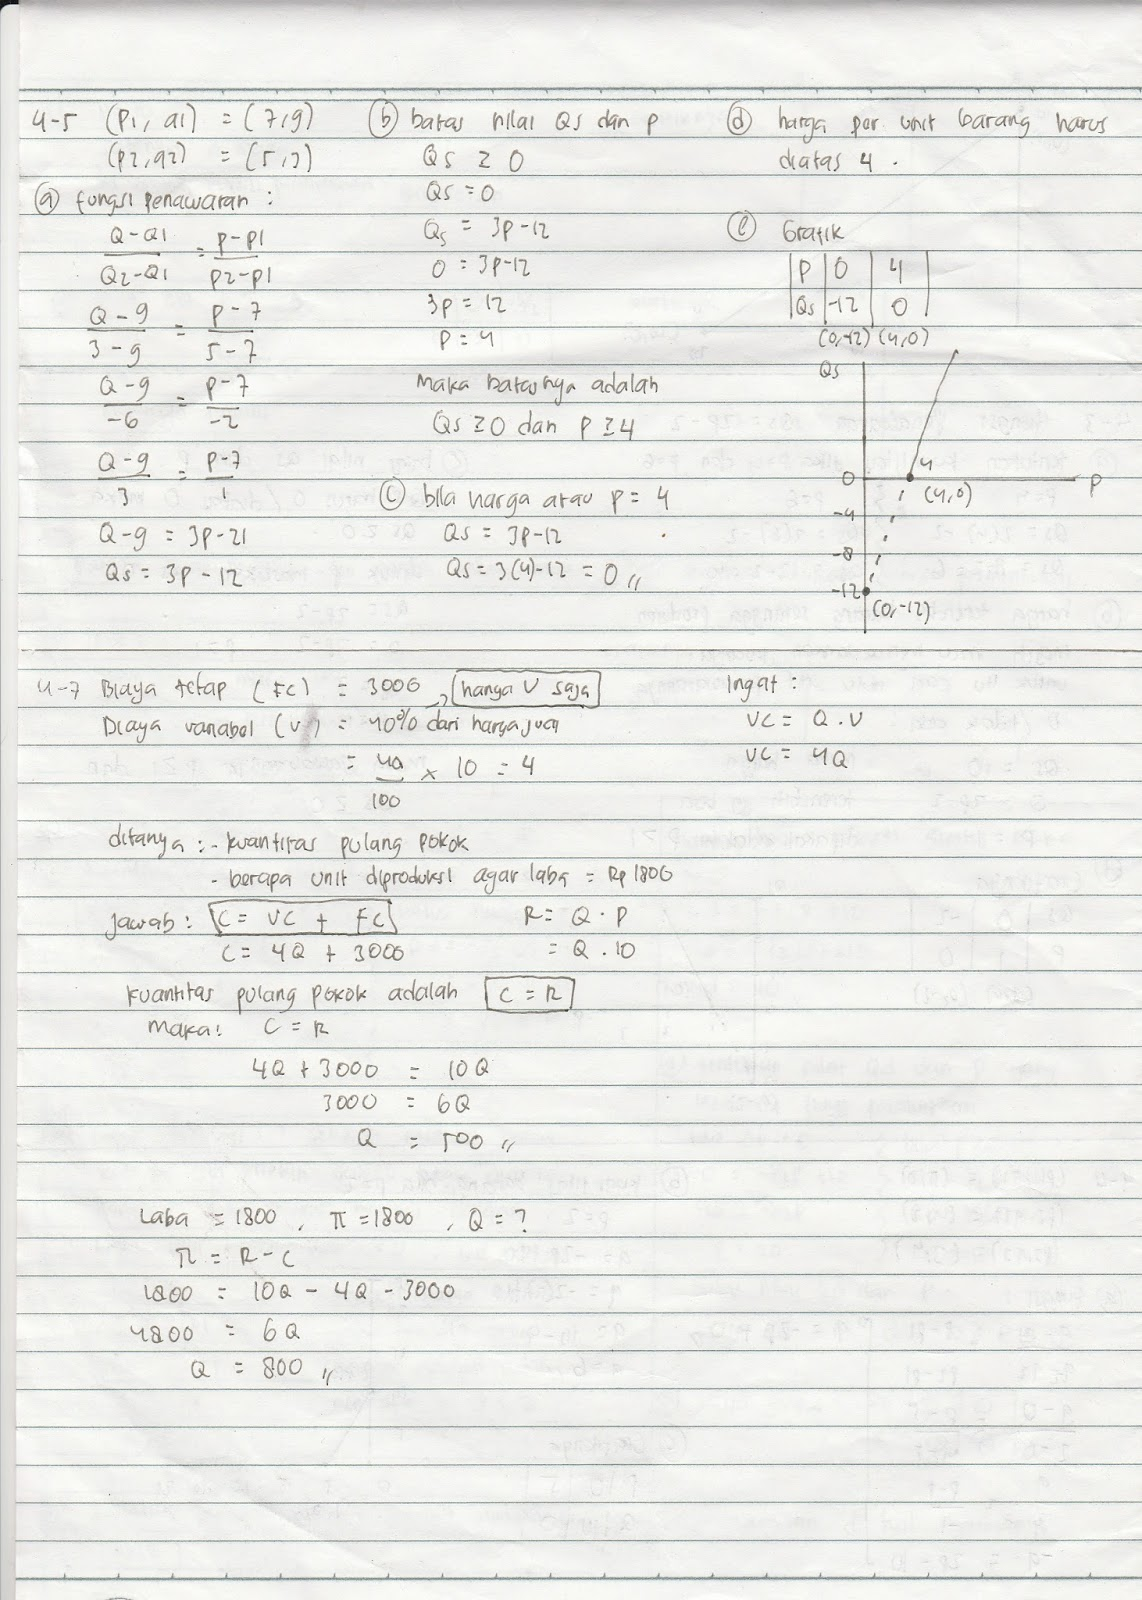 Kunci Jawaban Buku Statistika Nata Wirawan Edisi Keempat Bab 4